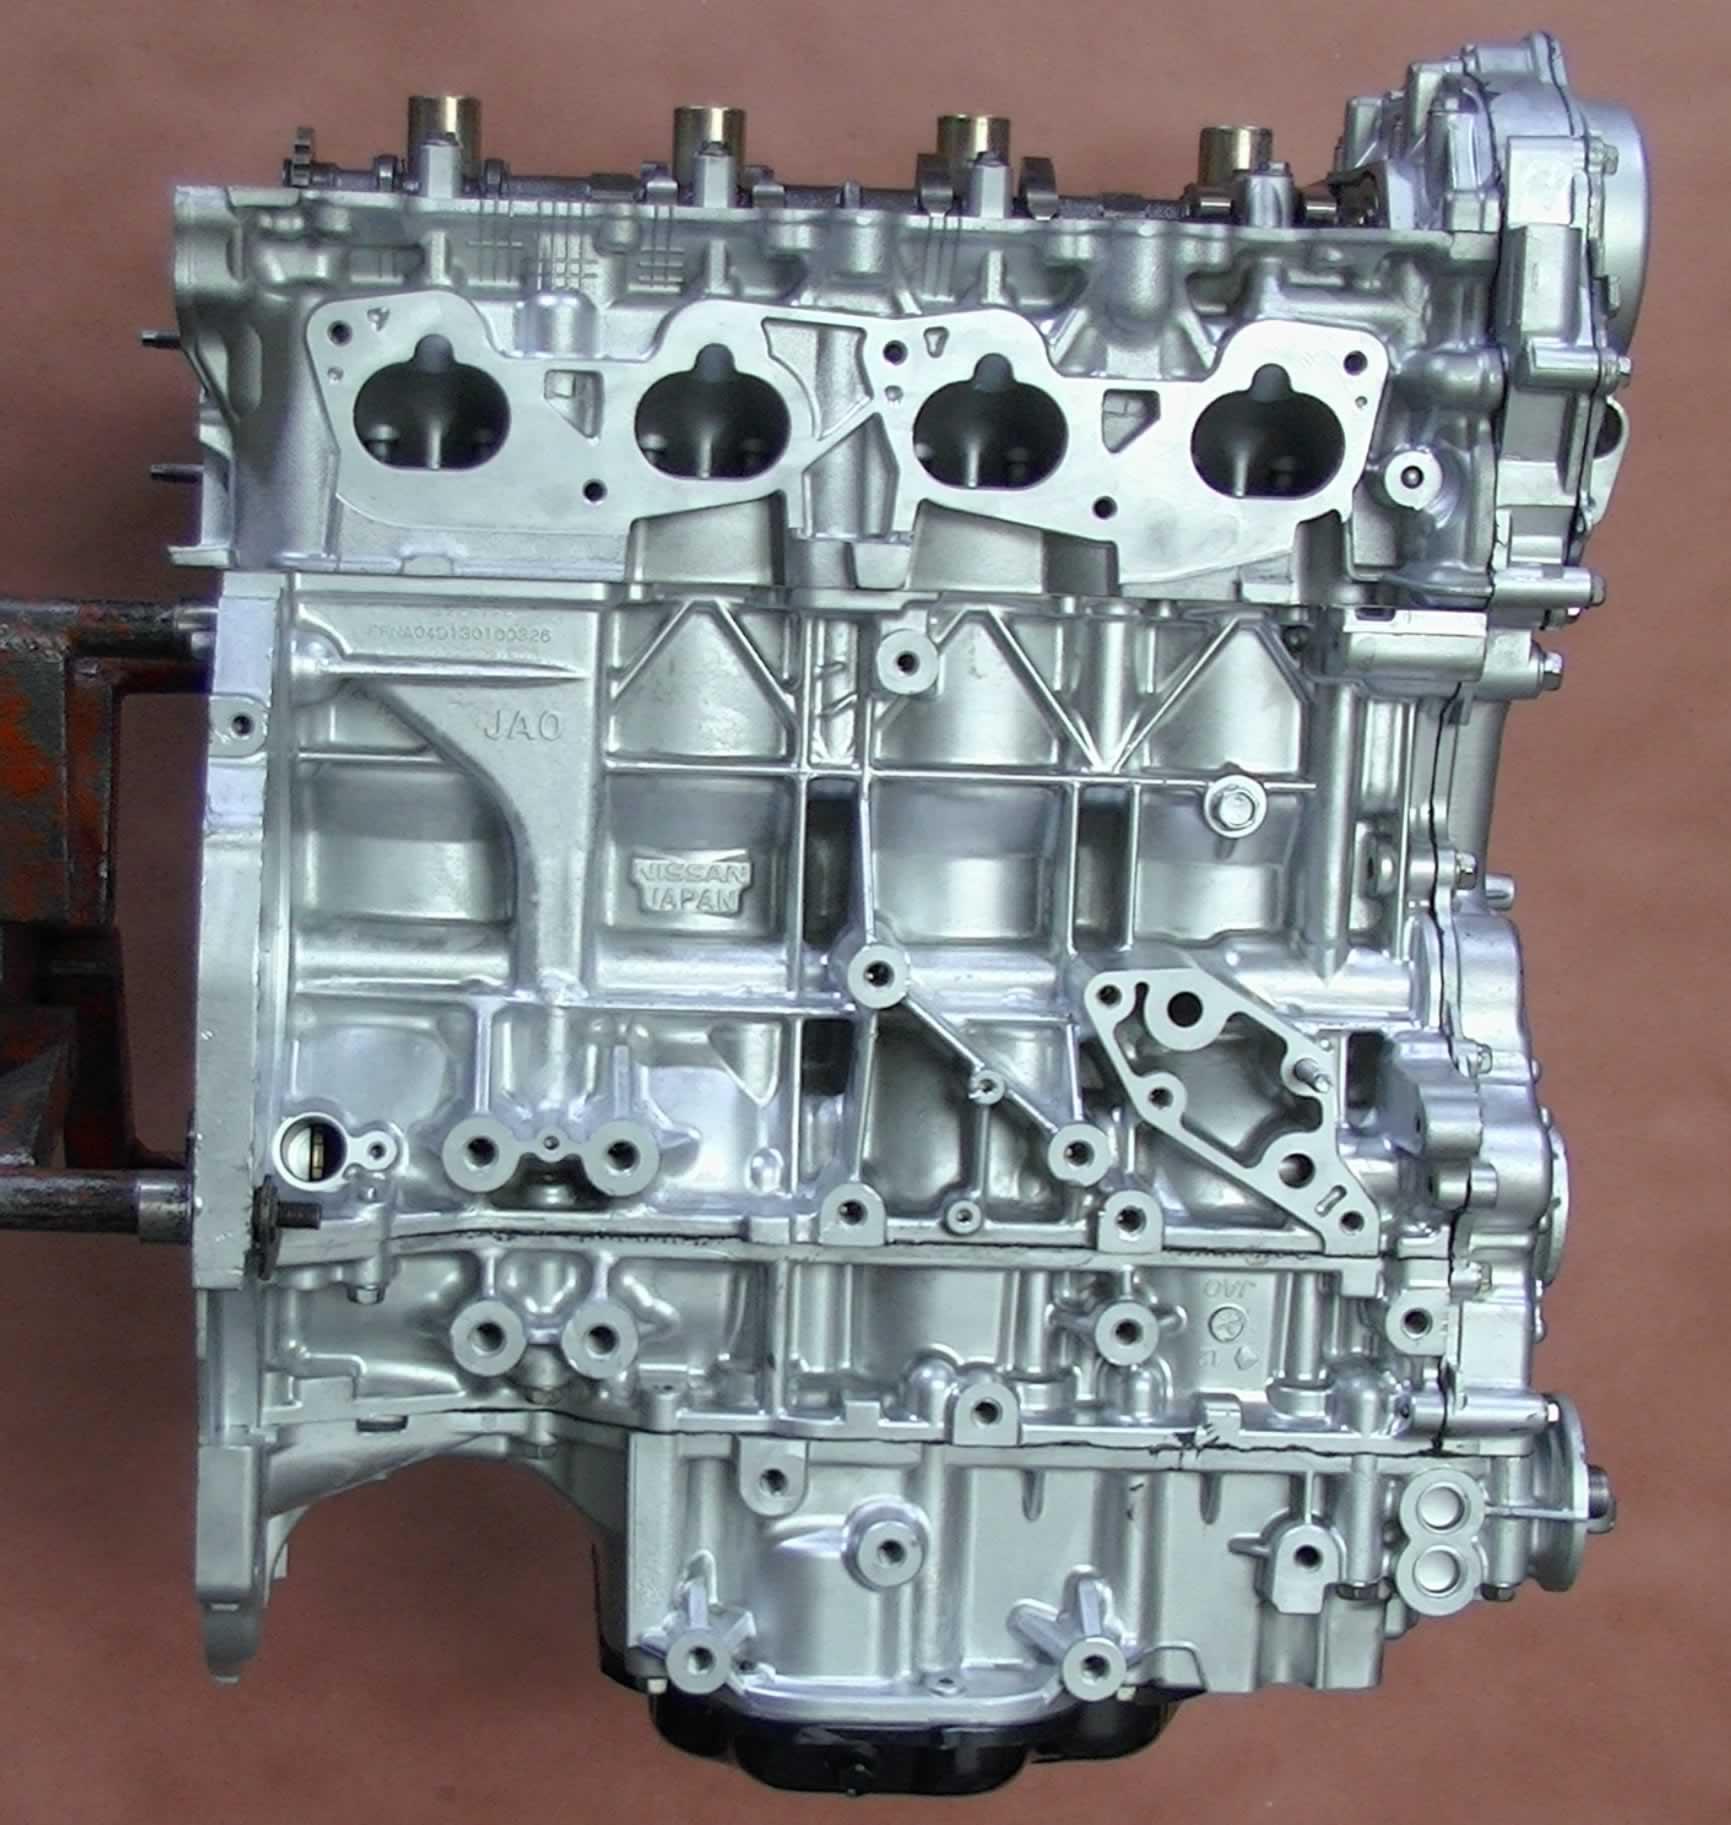 Rebuilt 2007-2012 Nissan Sentra 2.5L QR25DE Longblock ...